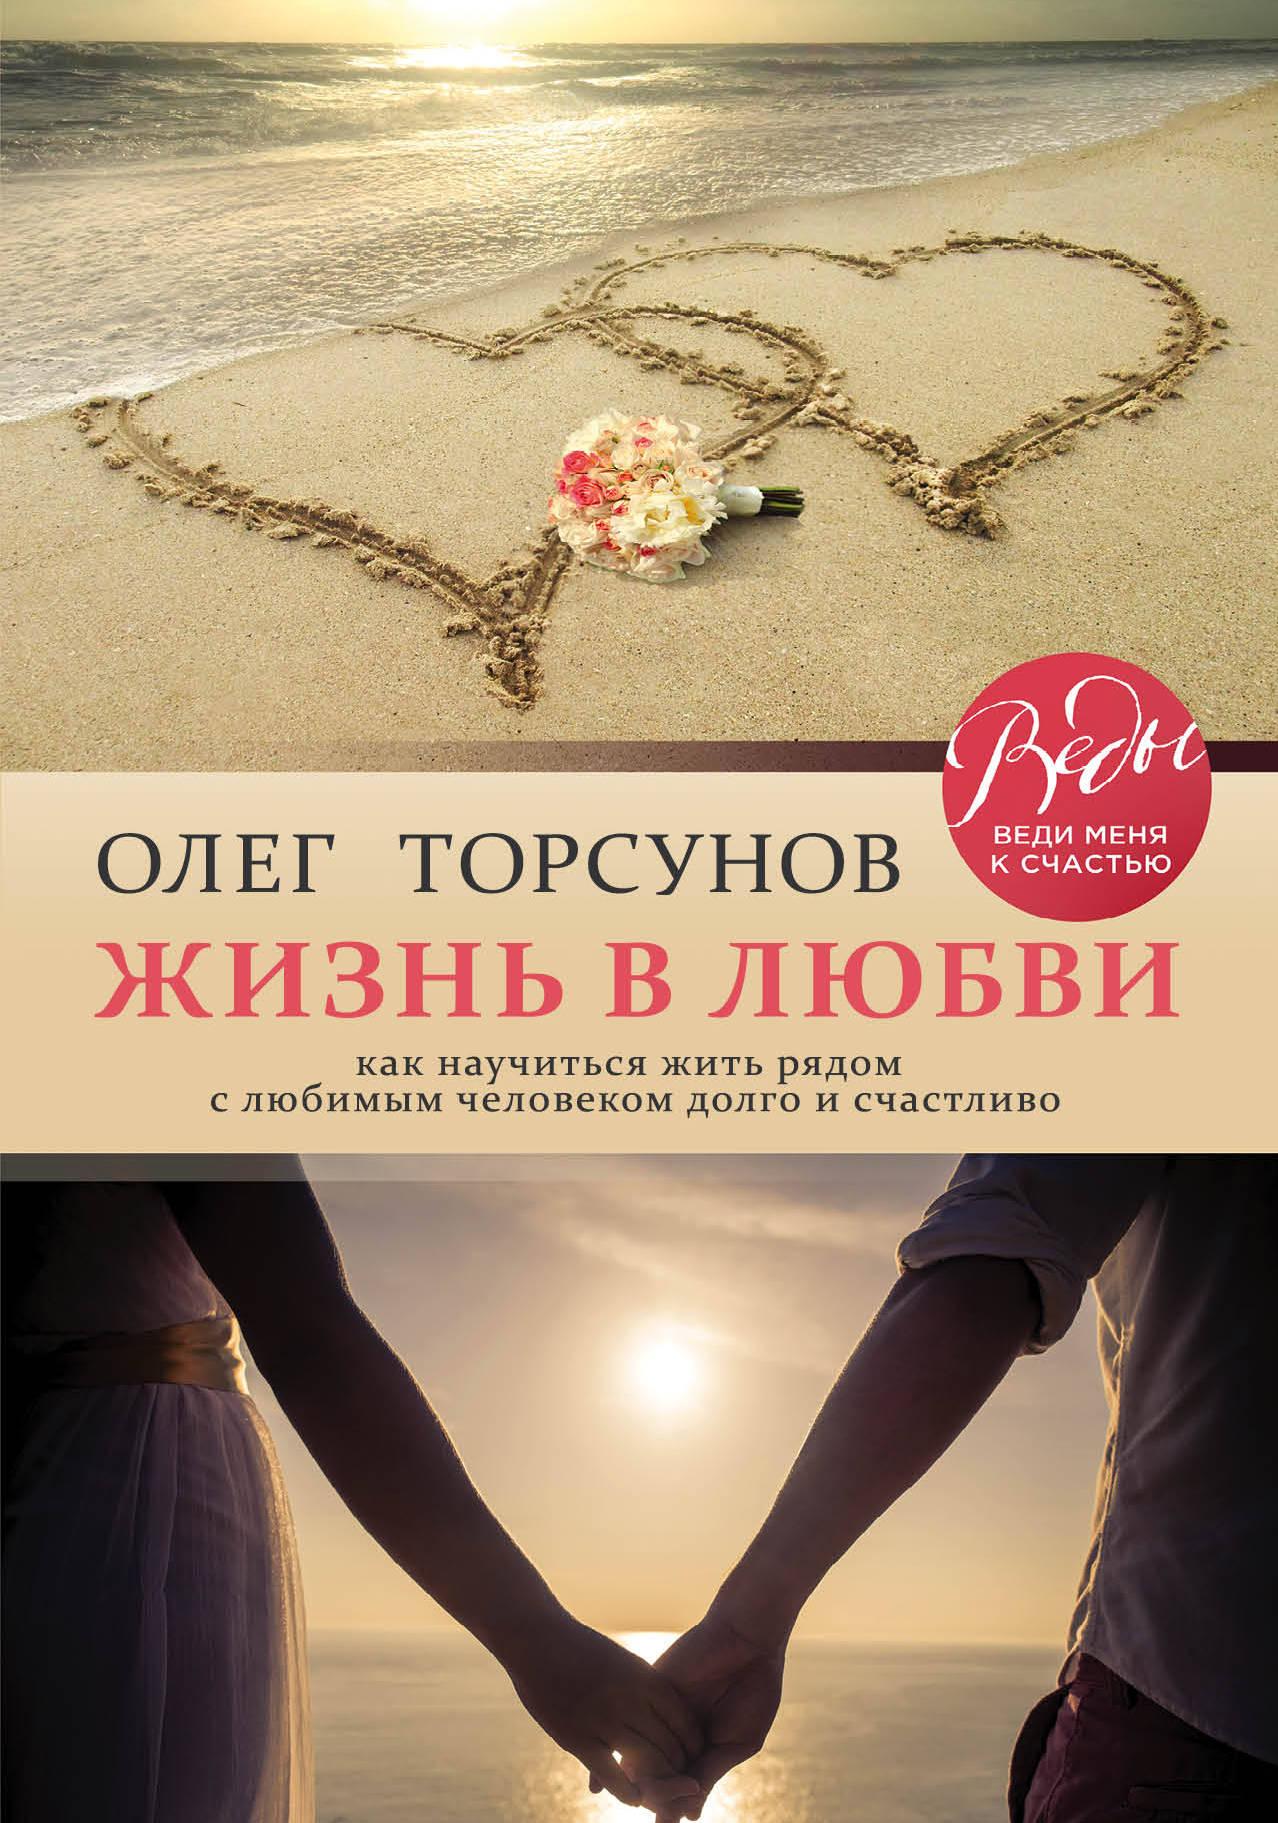 Торсунов Олег Геннадьевич Жизнь в любви. Как научиться жить рядом с любимым человеком долго и счастливо